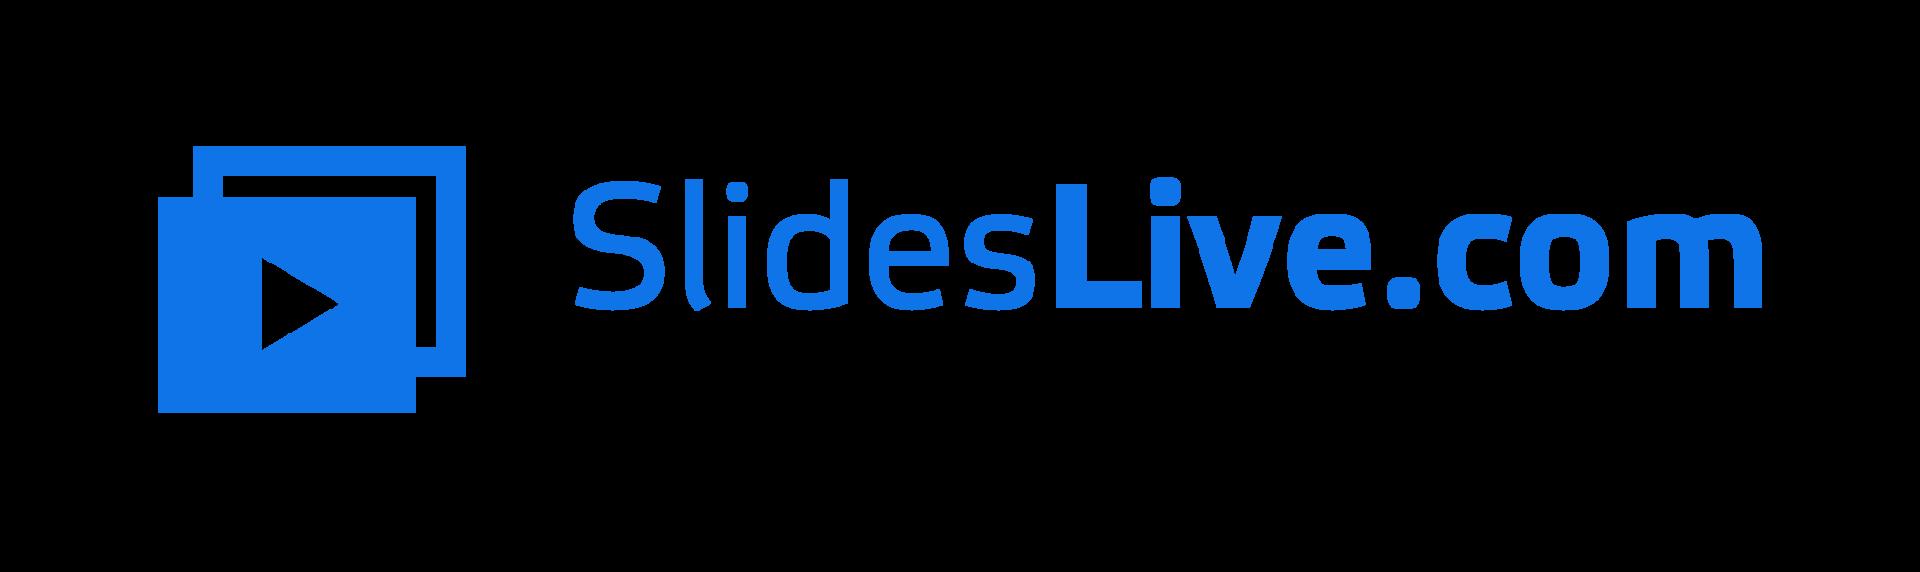 slideslive-logo-blue-e594acee0af9e73e95745ccab5089cea778586b54173d8846f82a18478bb0d01